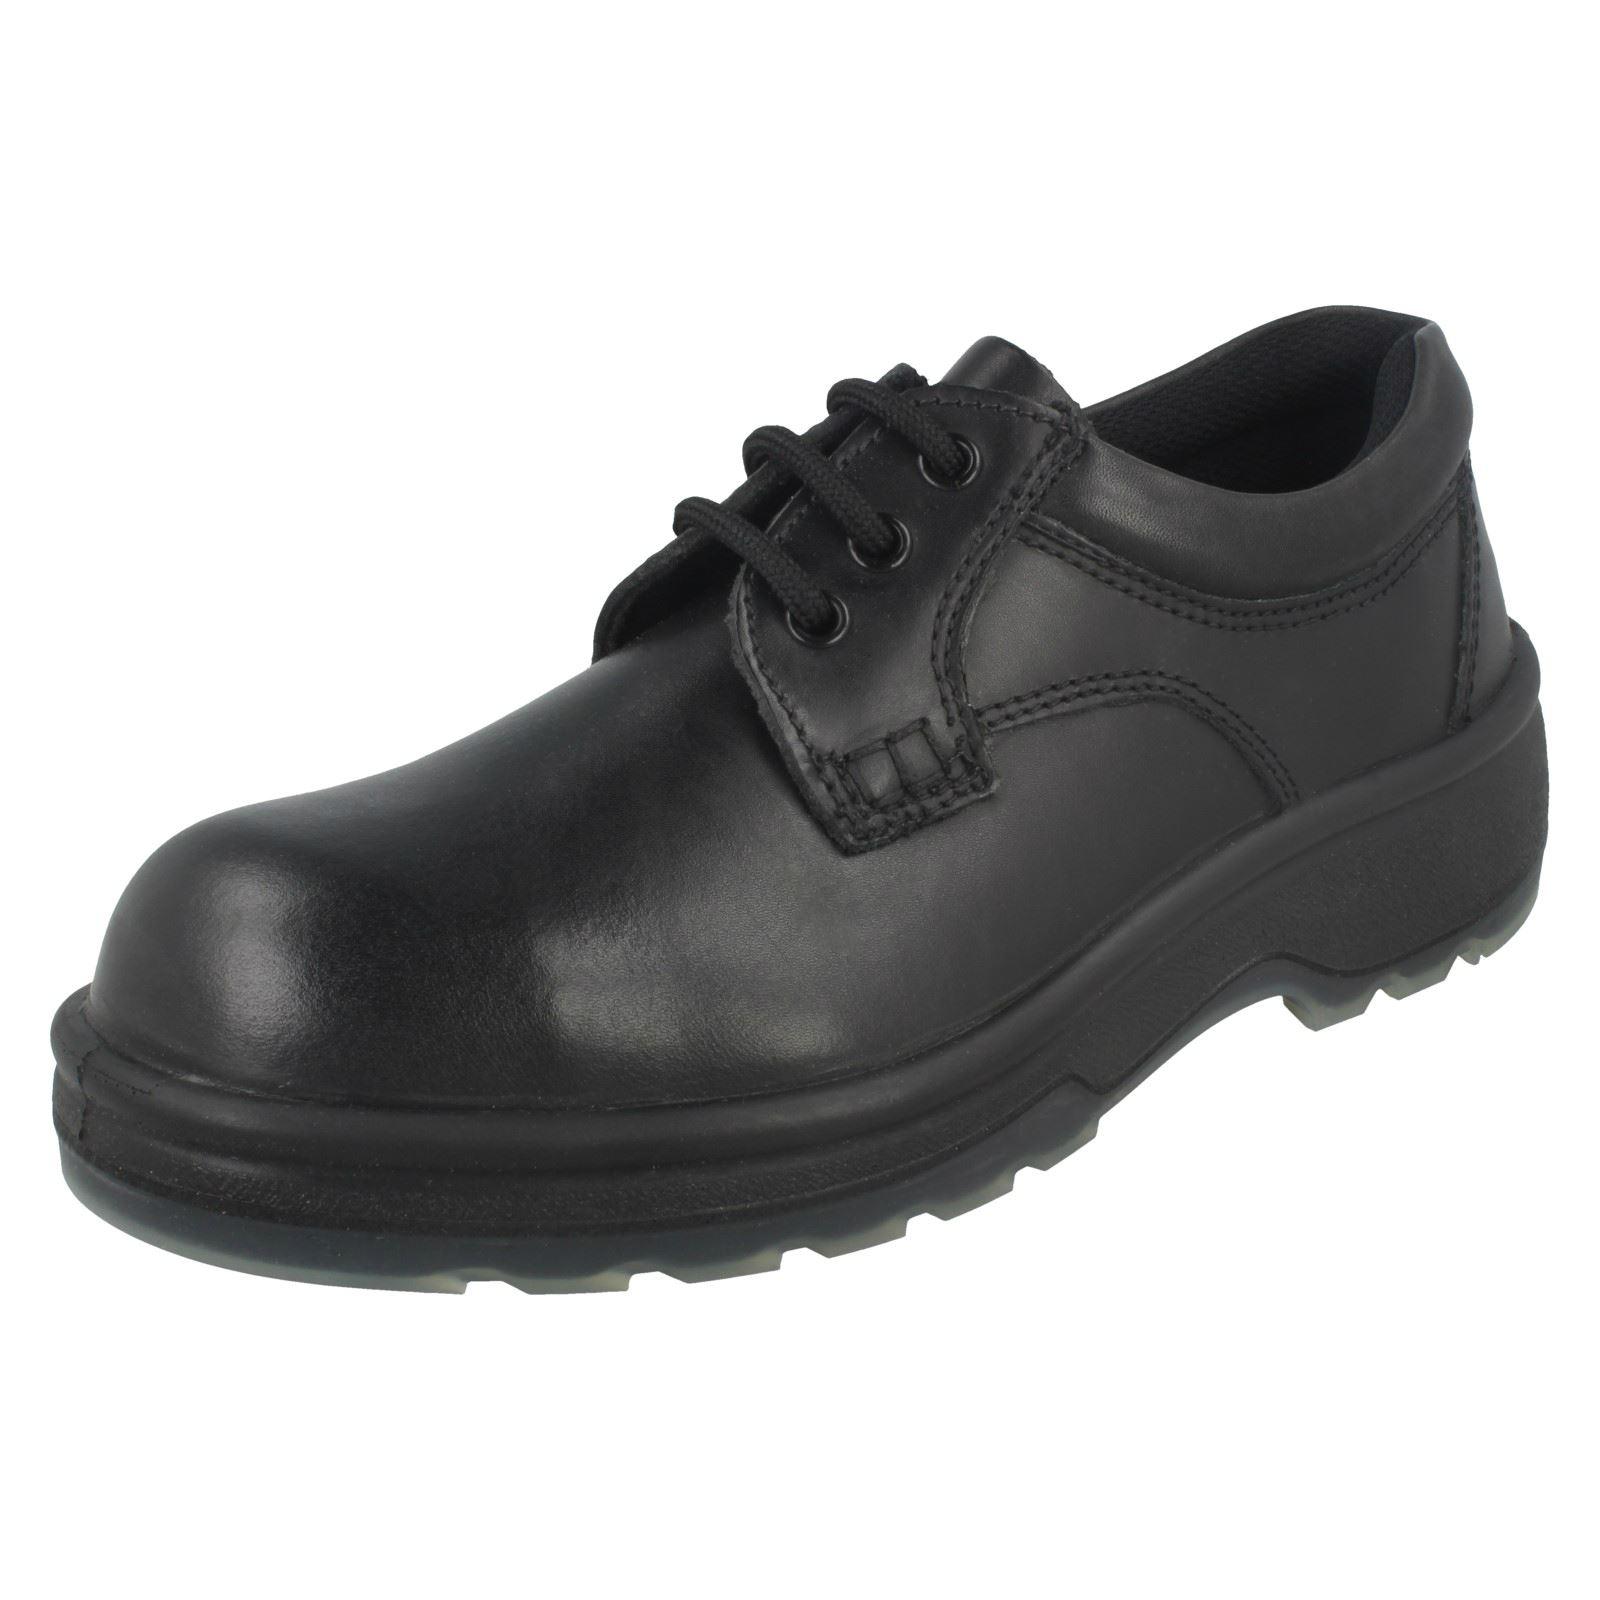 De Seguridad Puntera Hombre Cordones En Zapatos Totectors Para Acero 7naTRHwxq